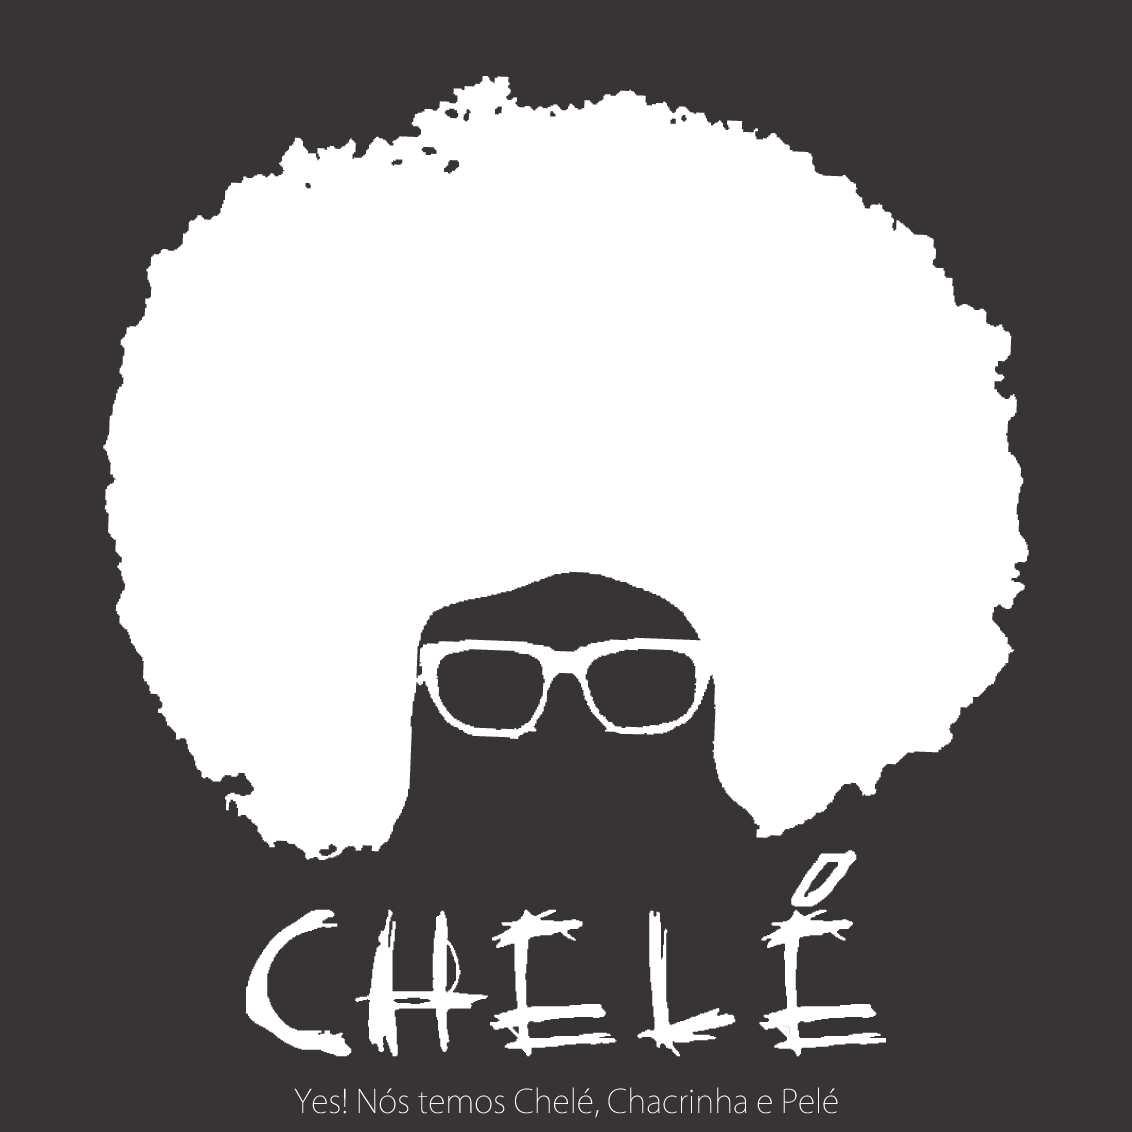 Encarte CD - CHELÉ - Yes! Nós temos Chelé, Chacrinha e Pelé